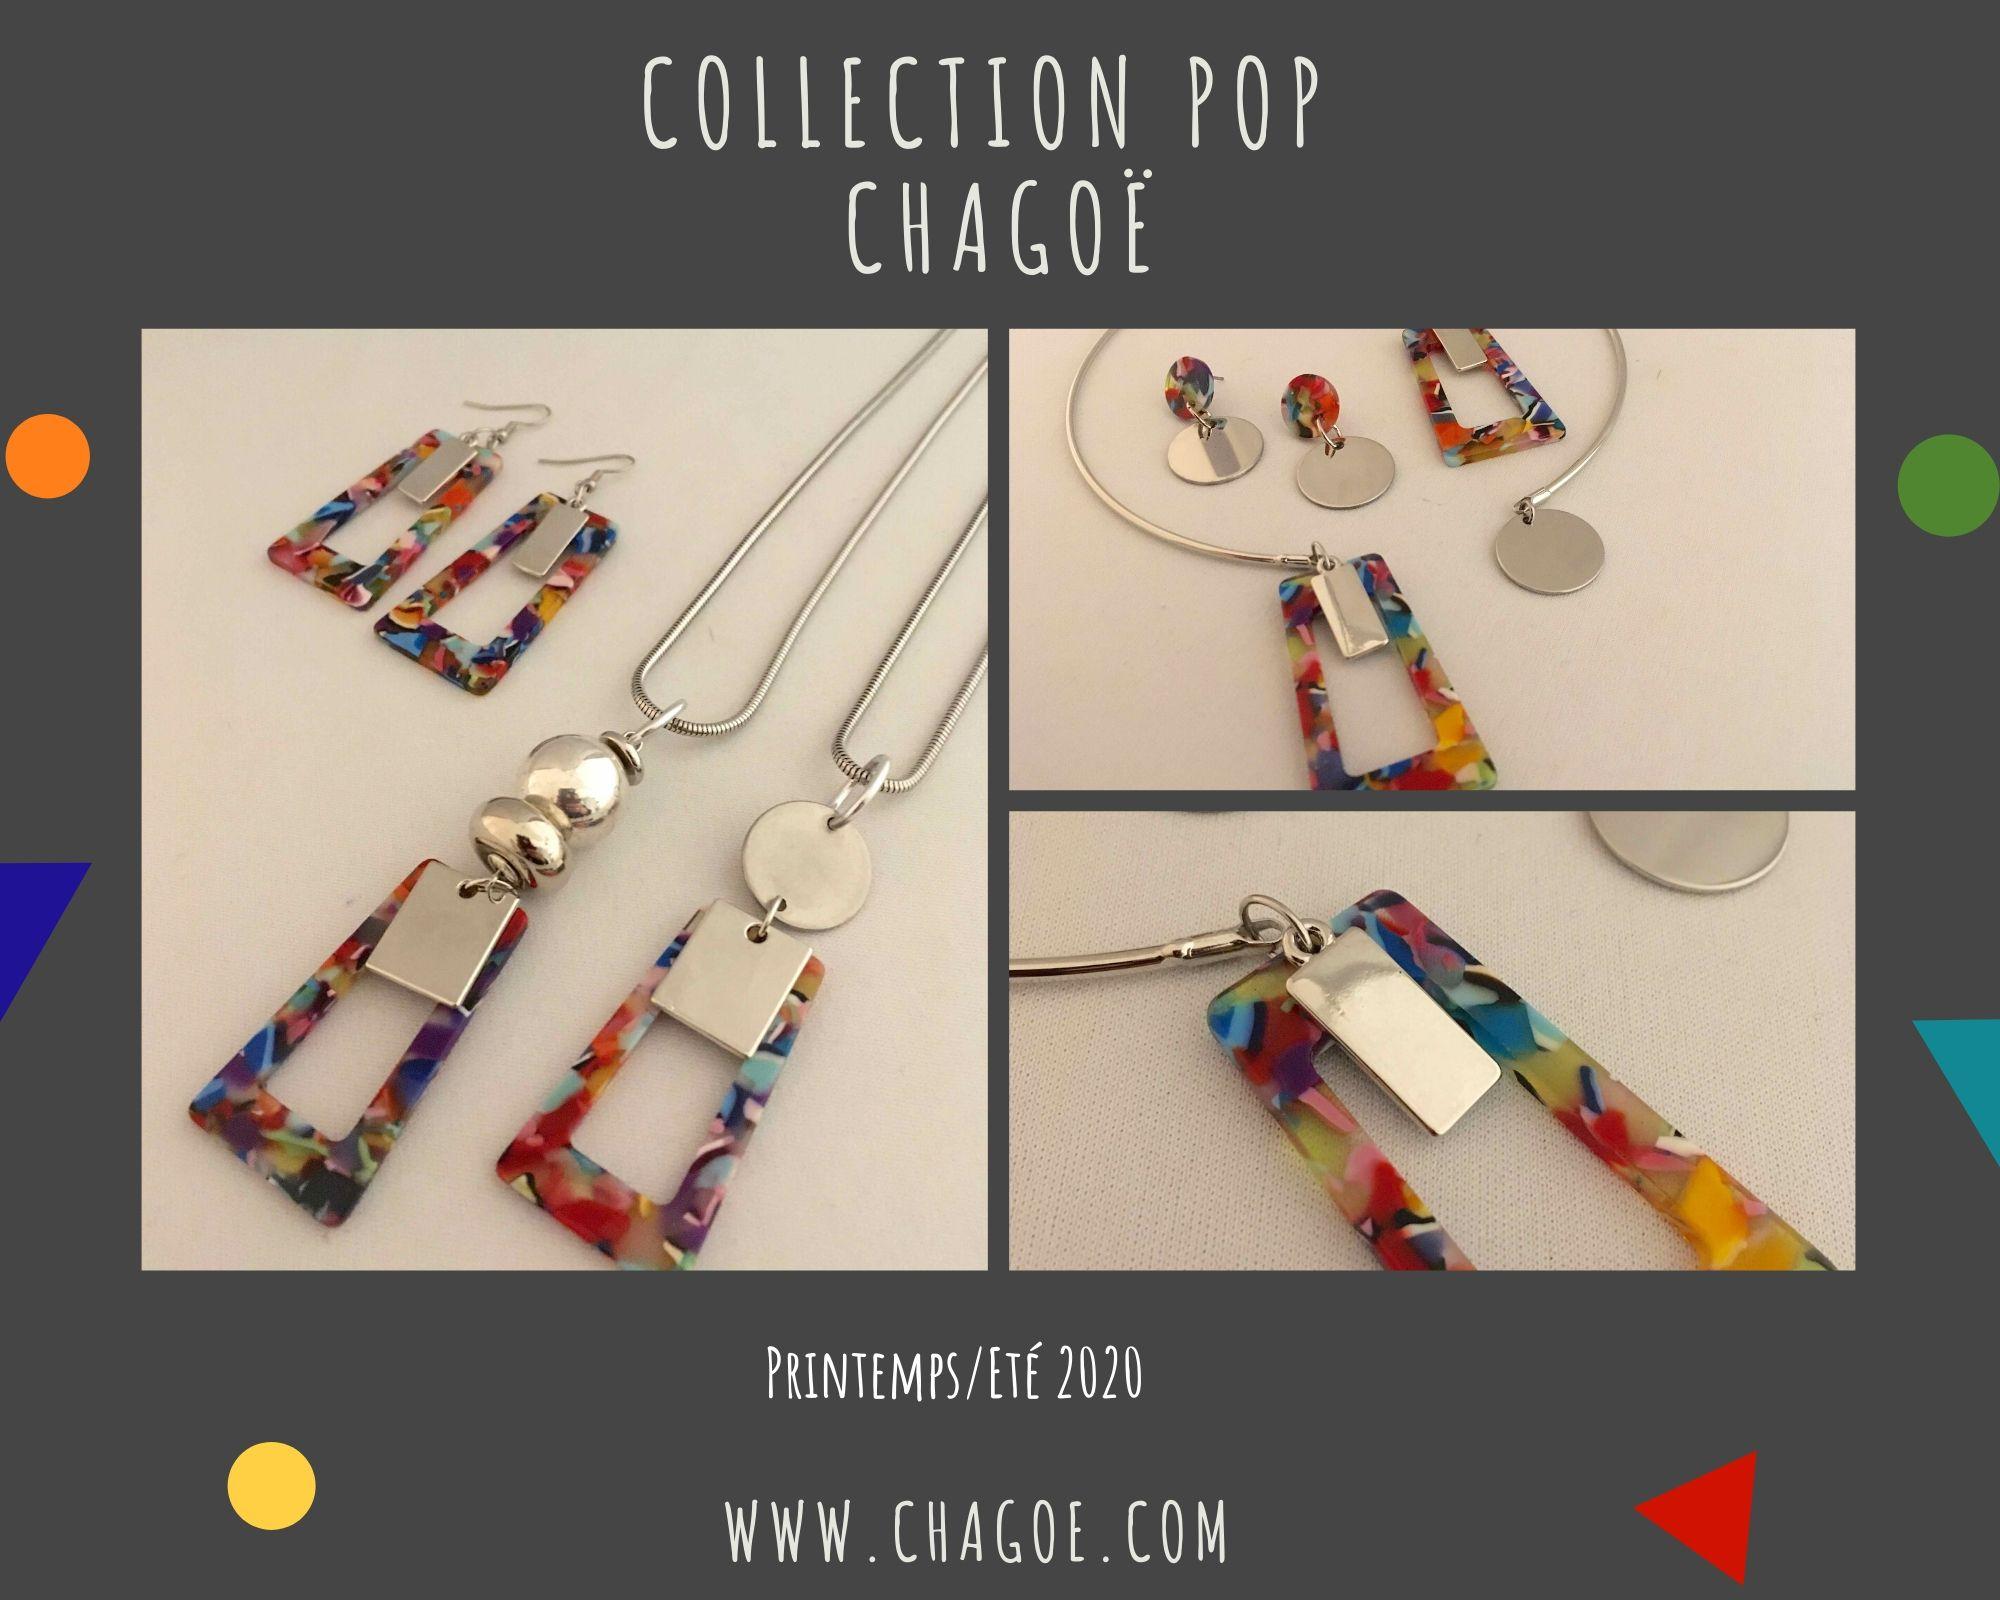 Collection POP, Créations Printemps/Eté Chagoë 2020